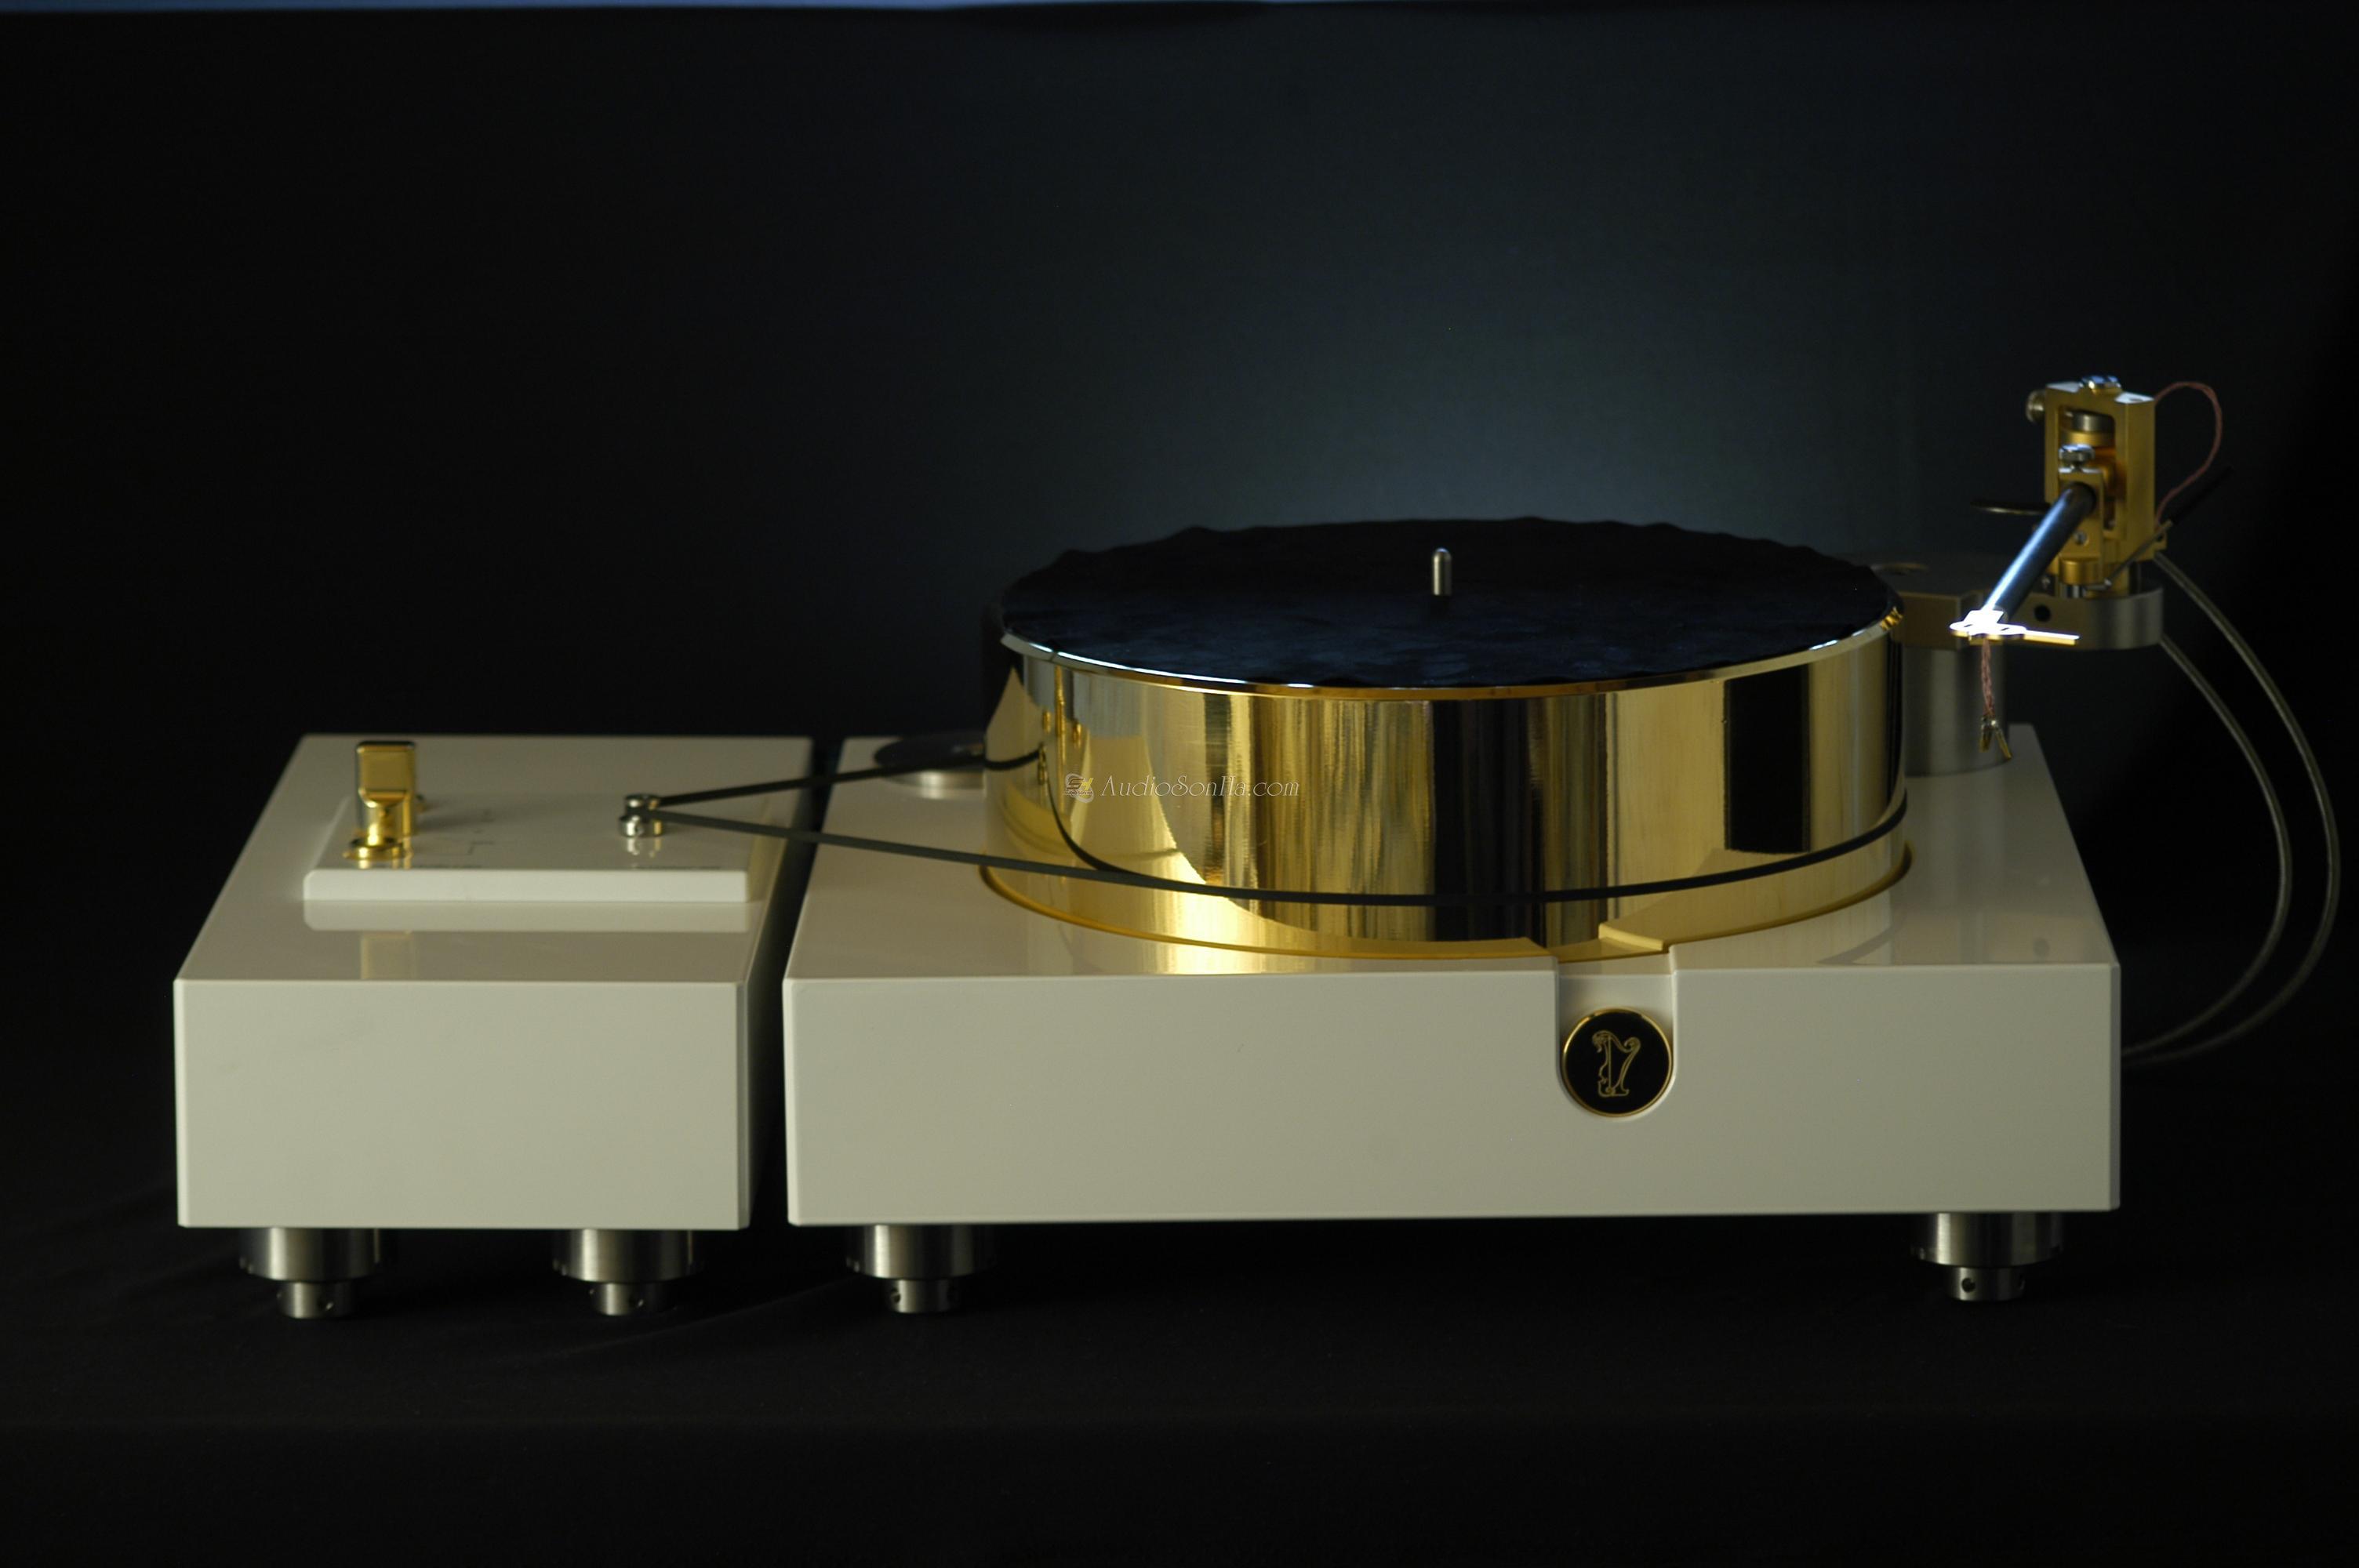 Mâm đĩa than In UniSon MK II